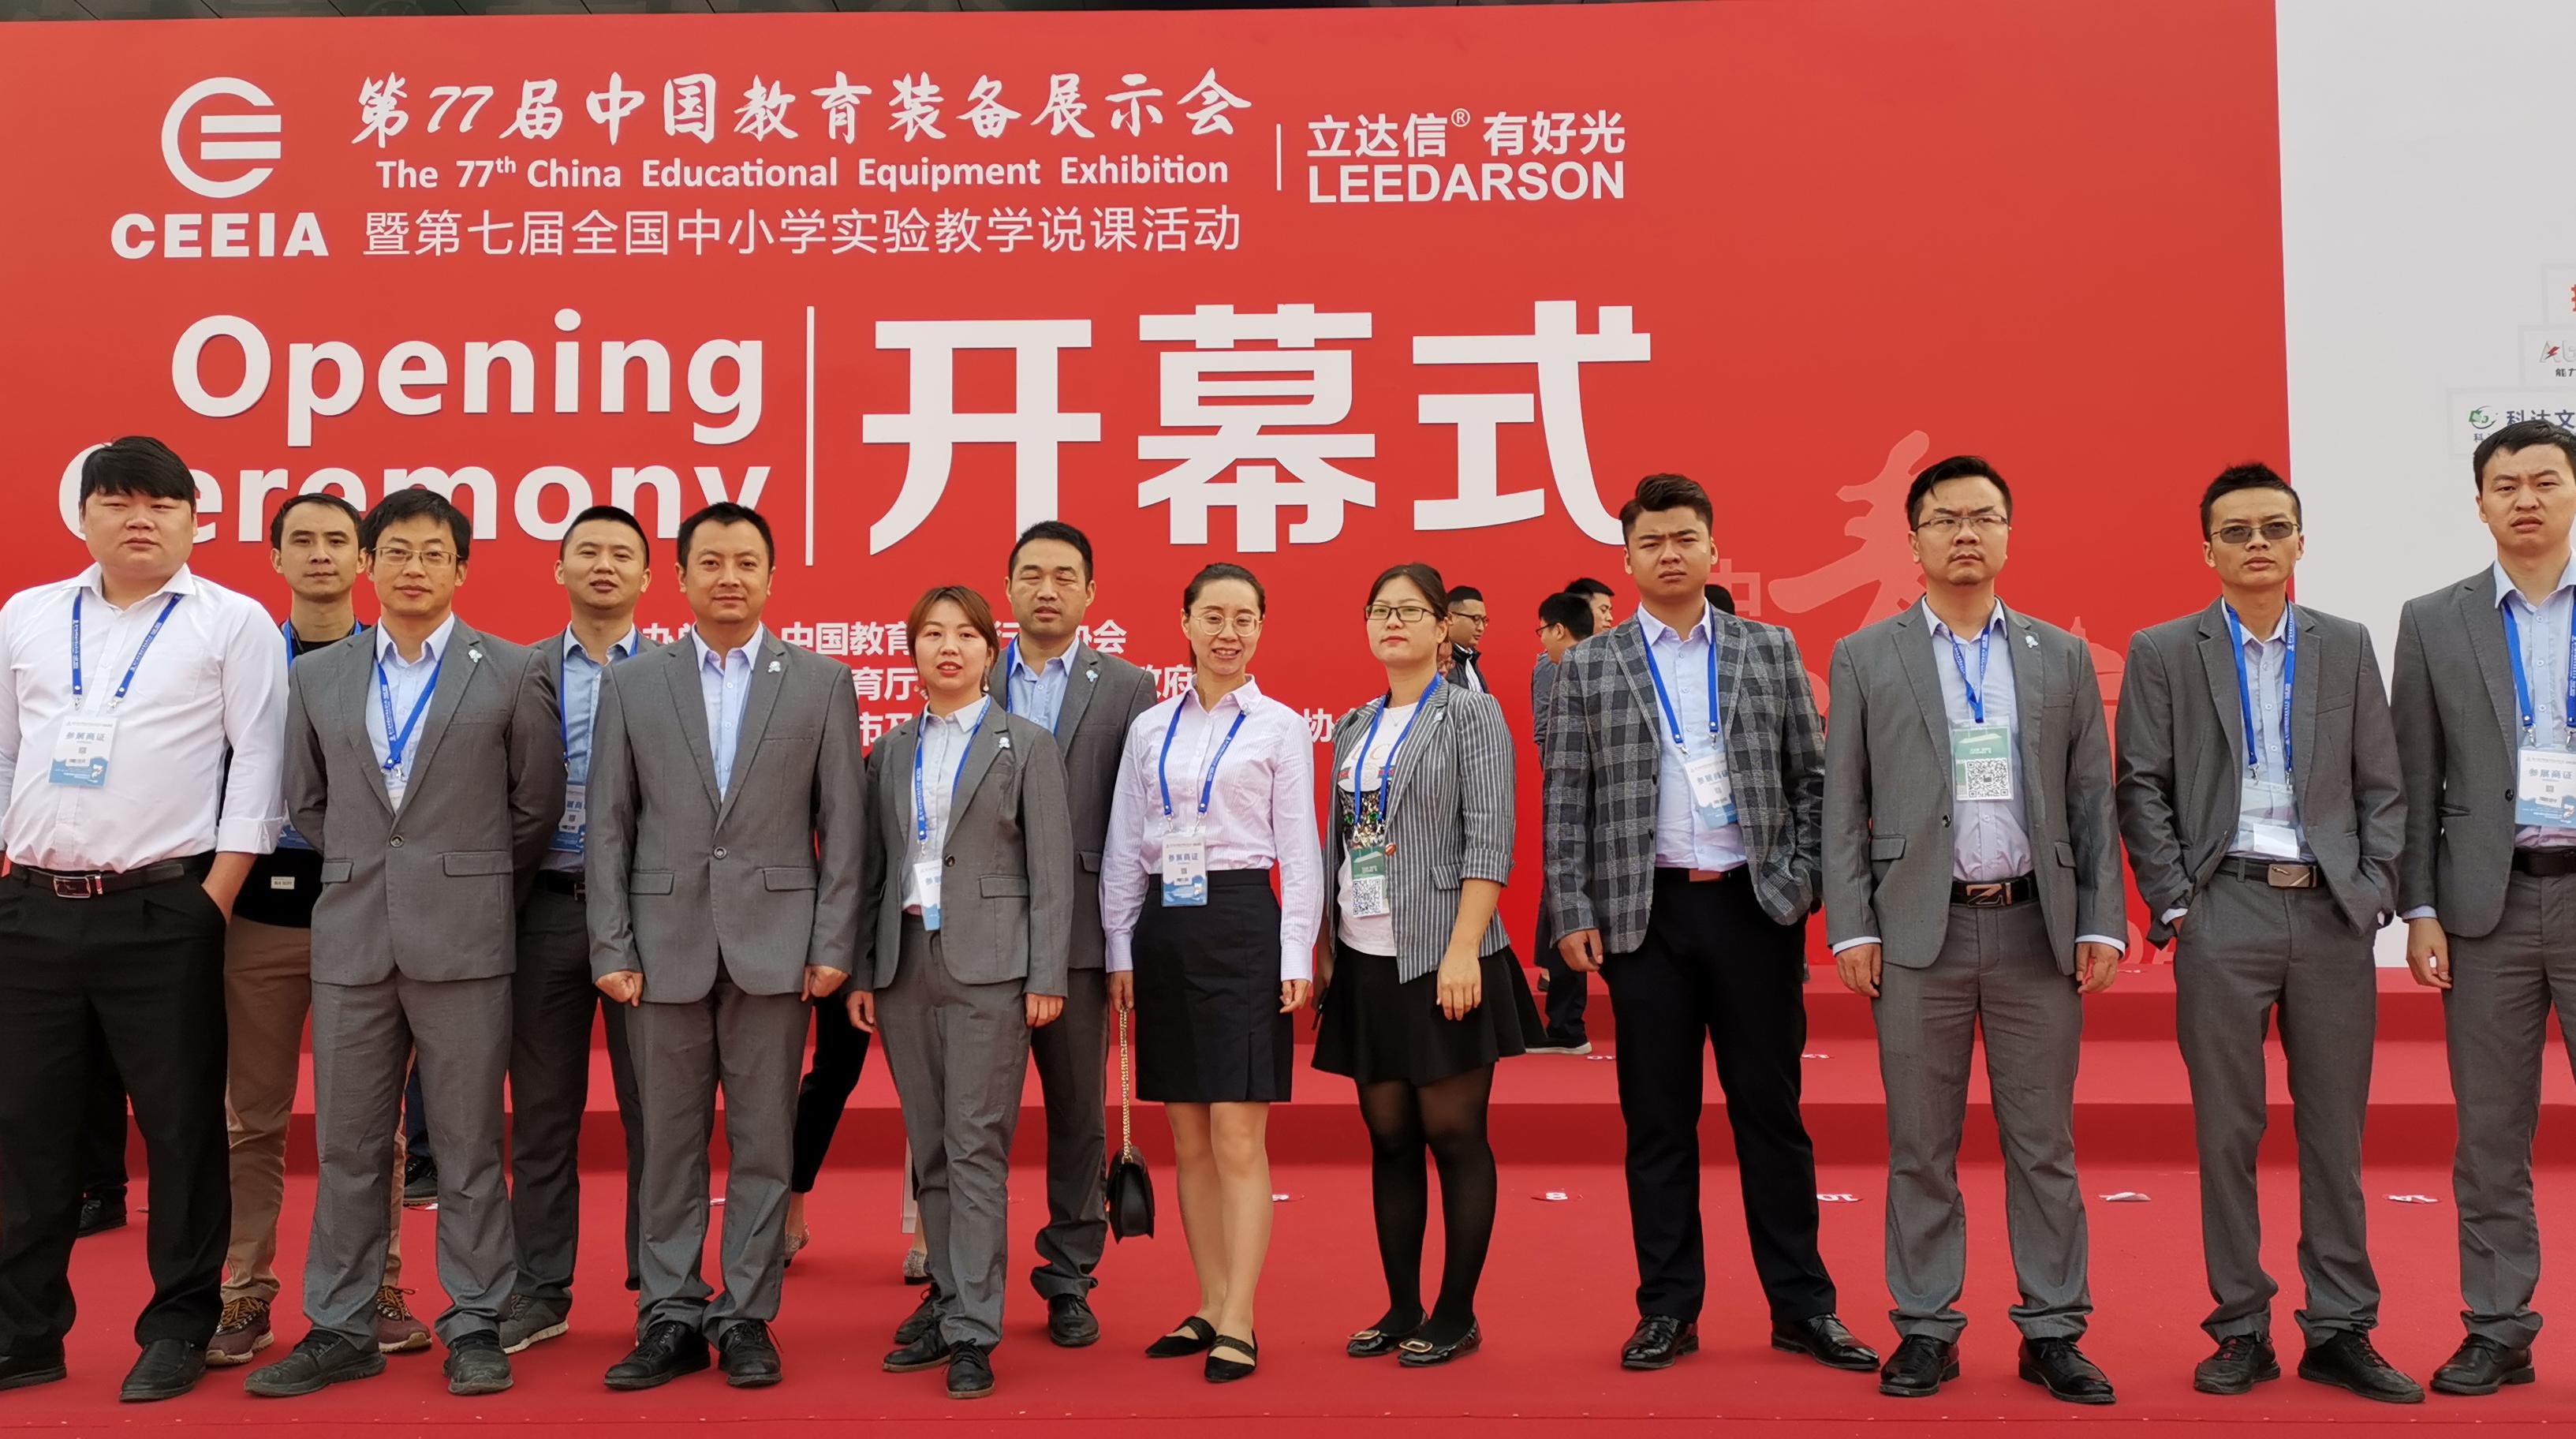 第77届中国教育展展会图片